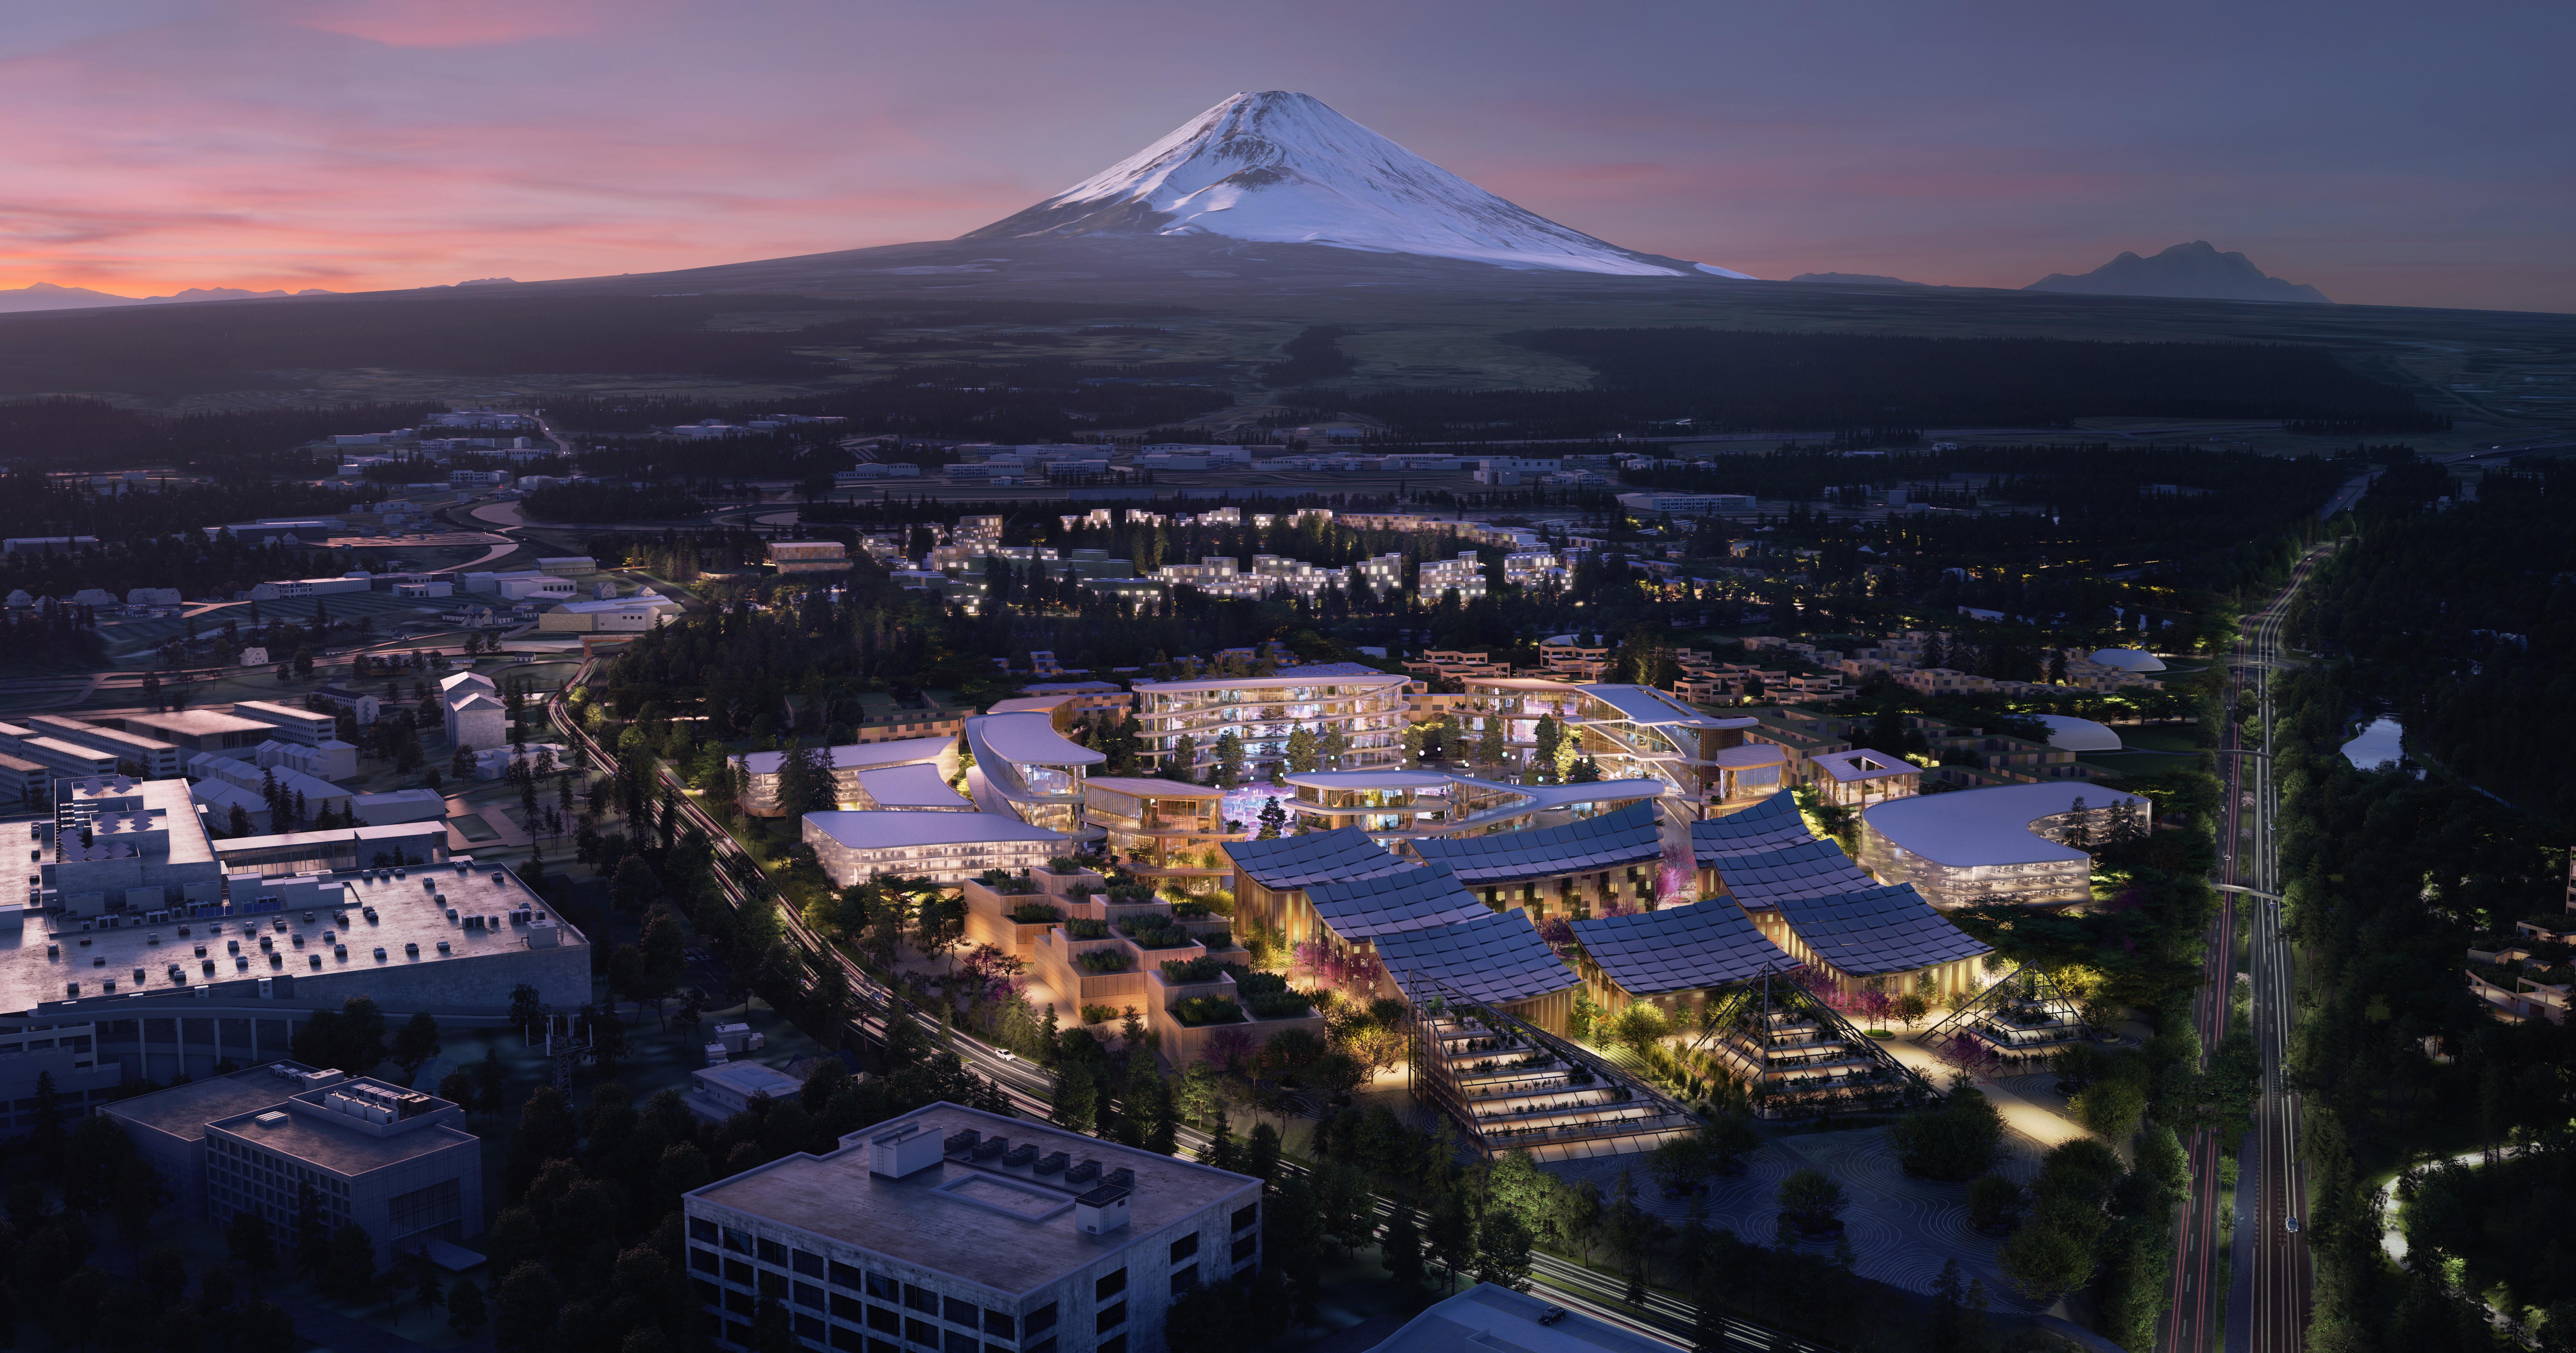 富士山の裾野に広がる「WovenCity」(トヨタ自動車プレスリリースより)